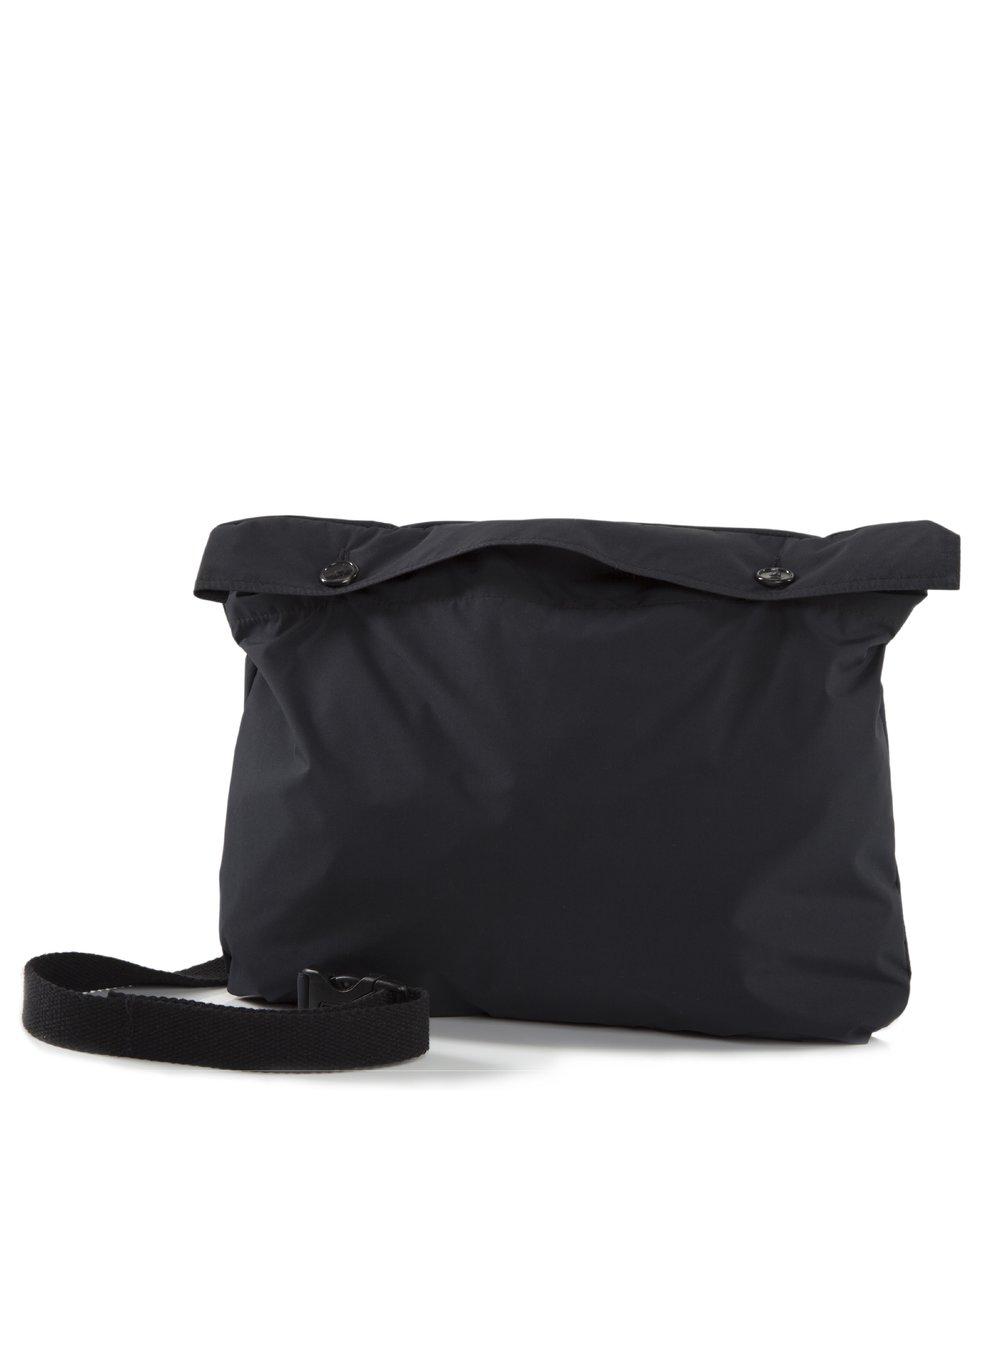 V2 - 8 Jacket Bag.jpg